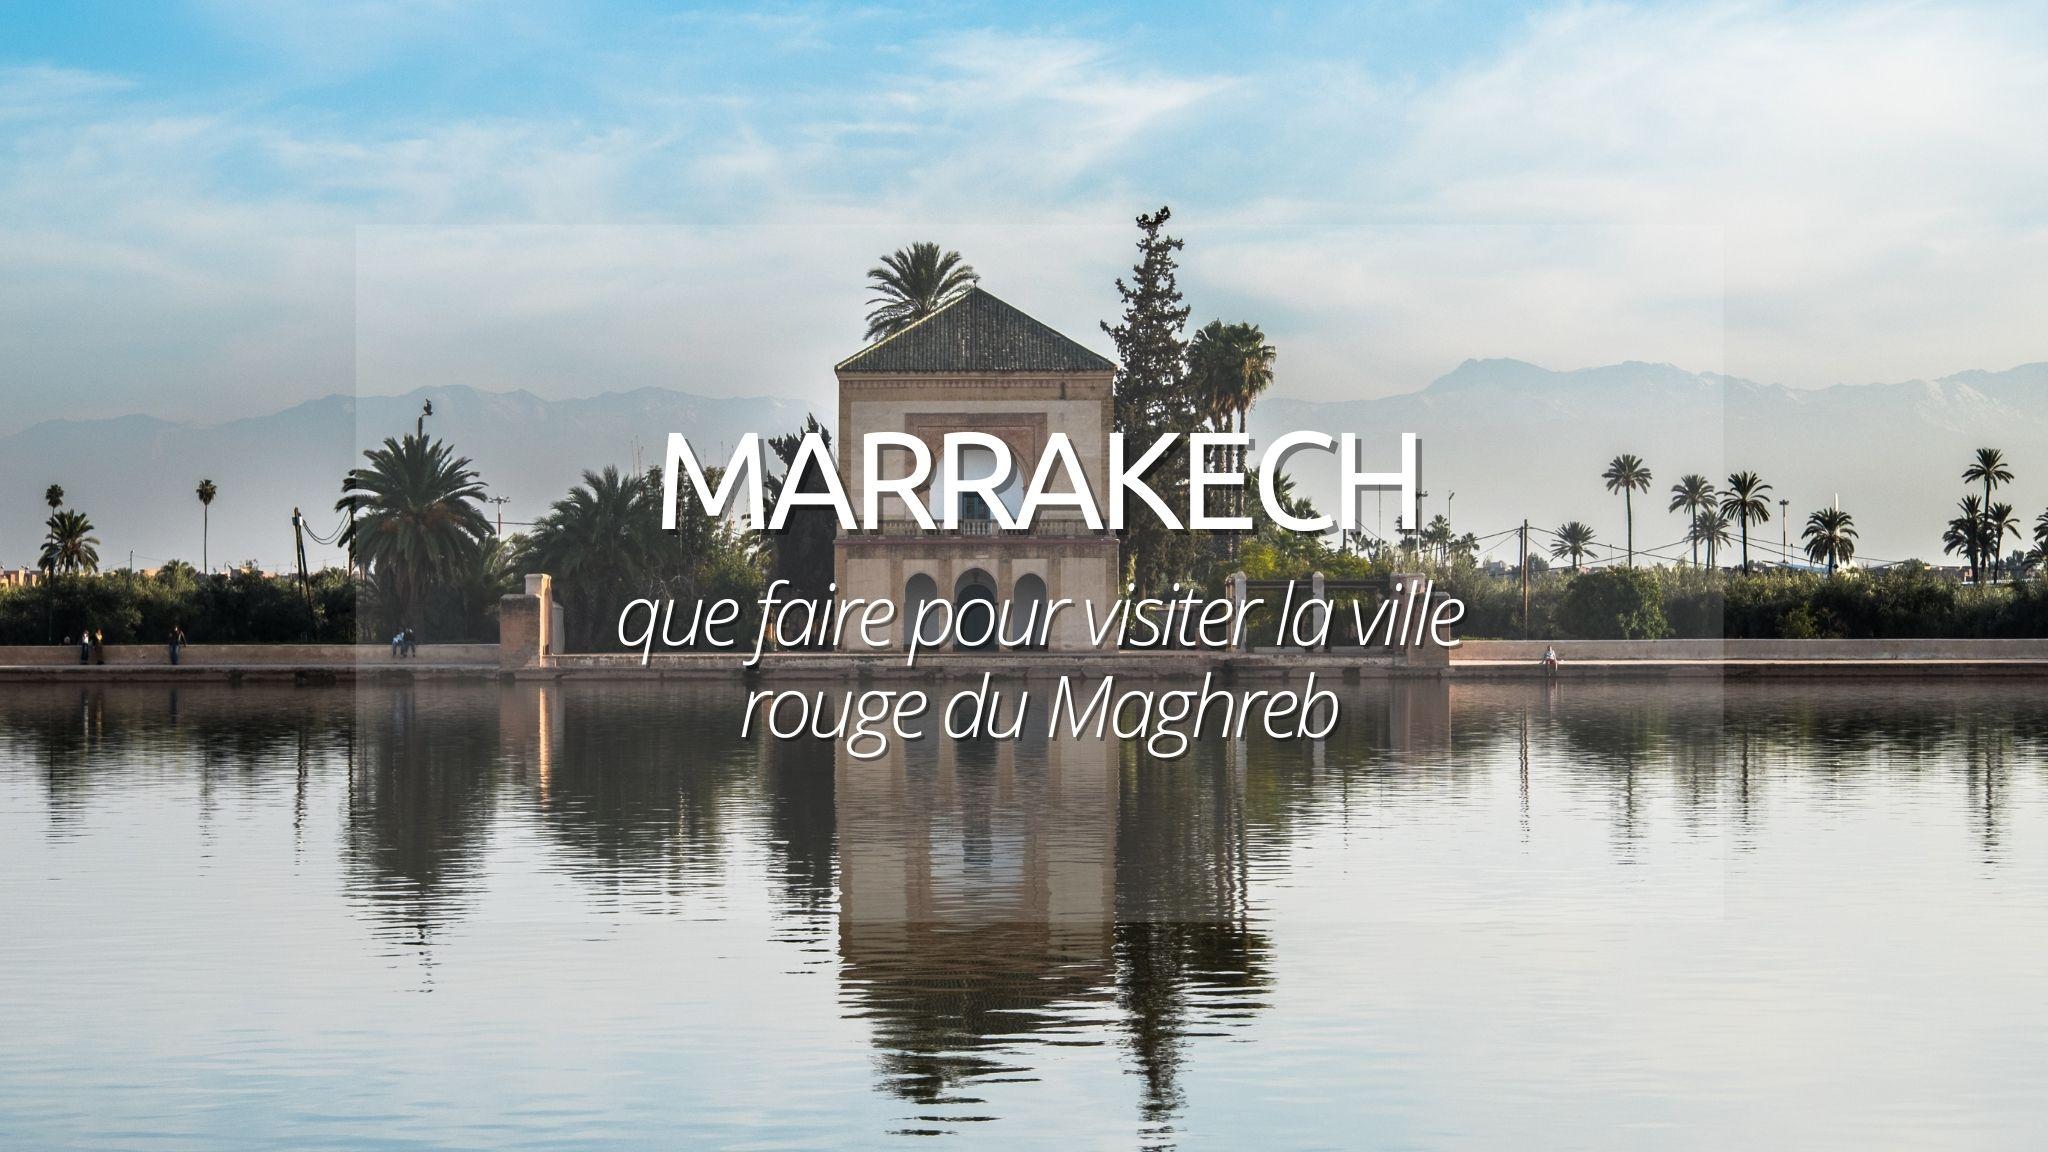 Marrakech : guide des incontournables à voir et à savoir